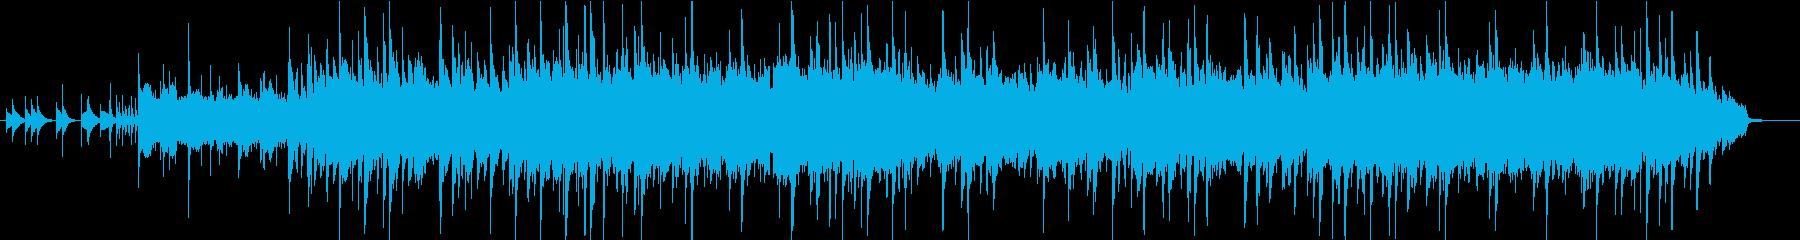 オルゴールとピアノの優しいスローバラードの再生済みの波形